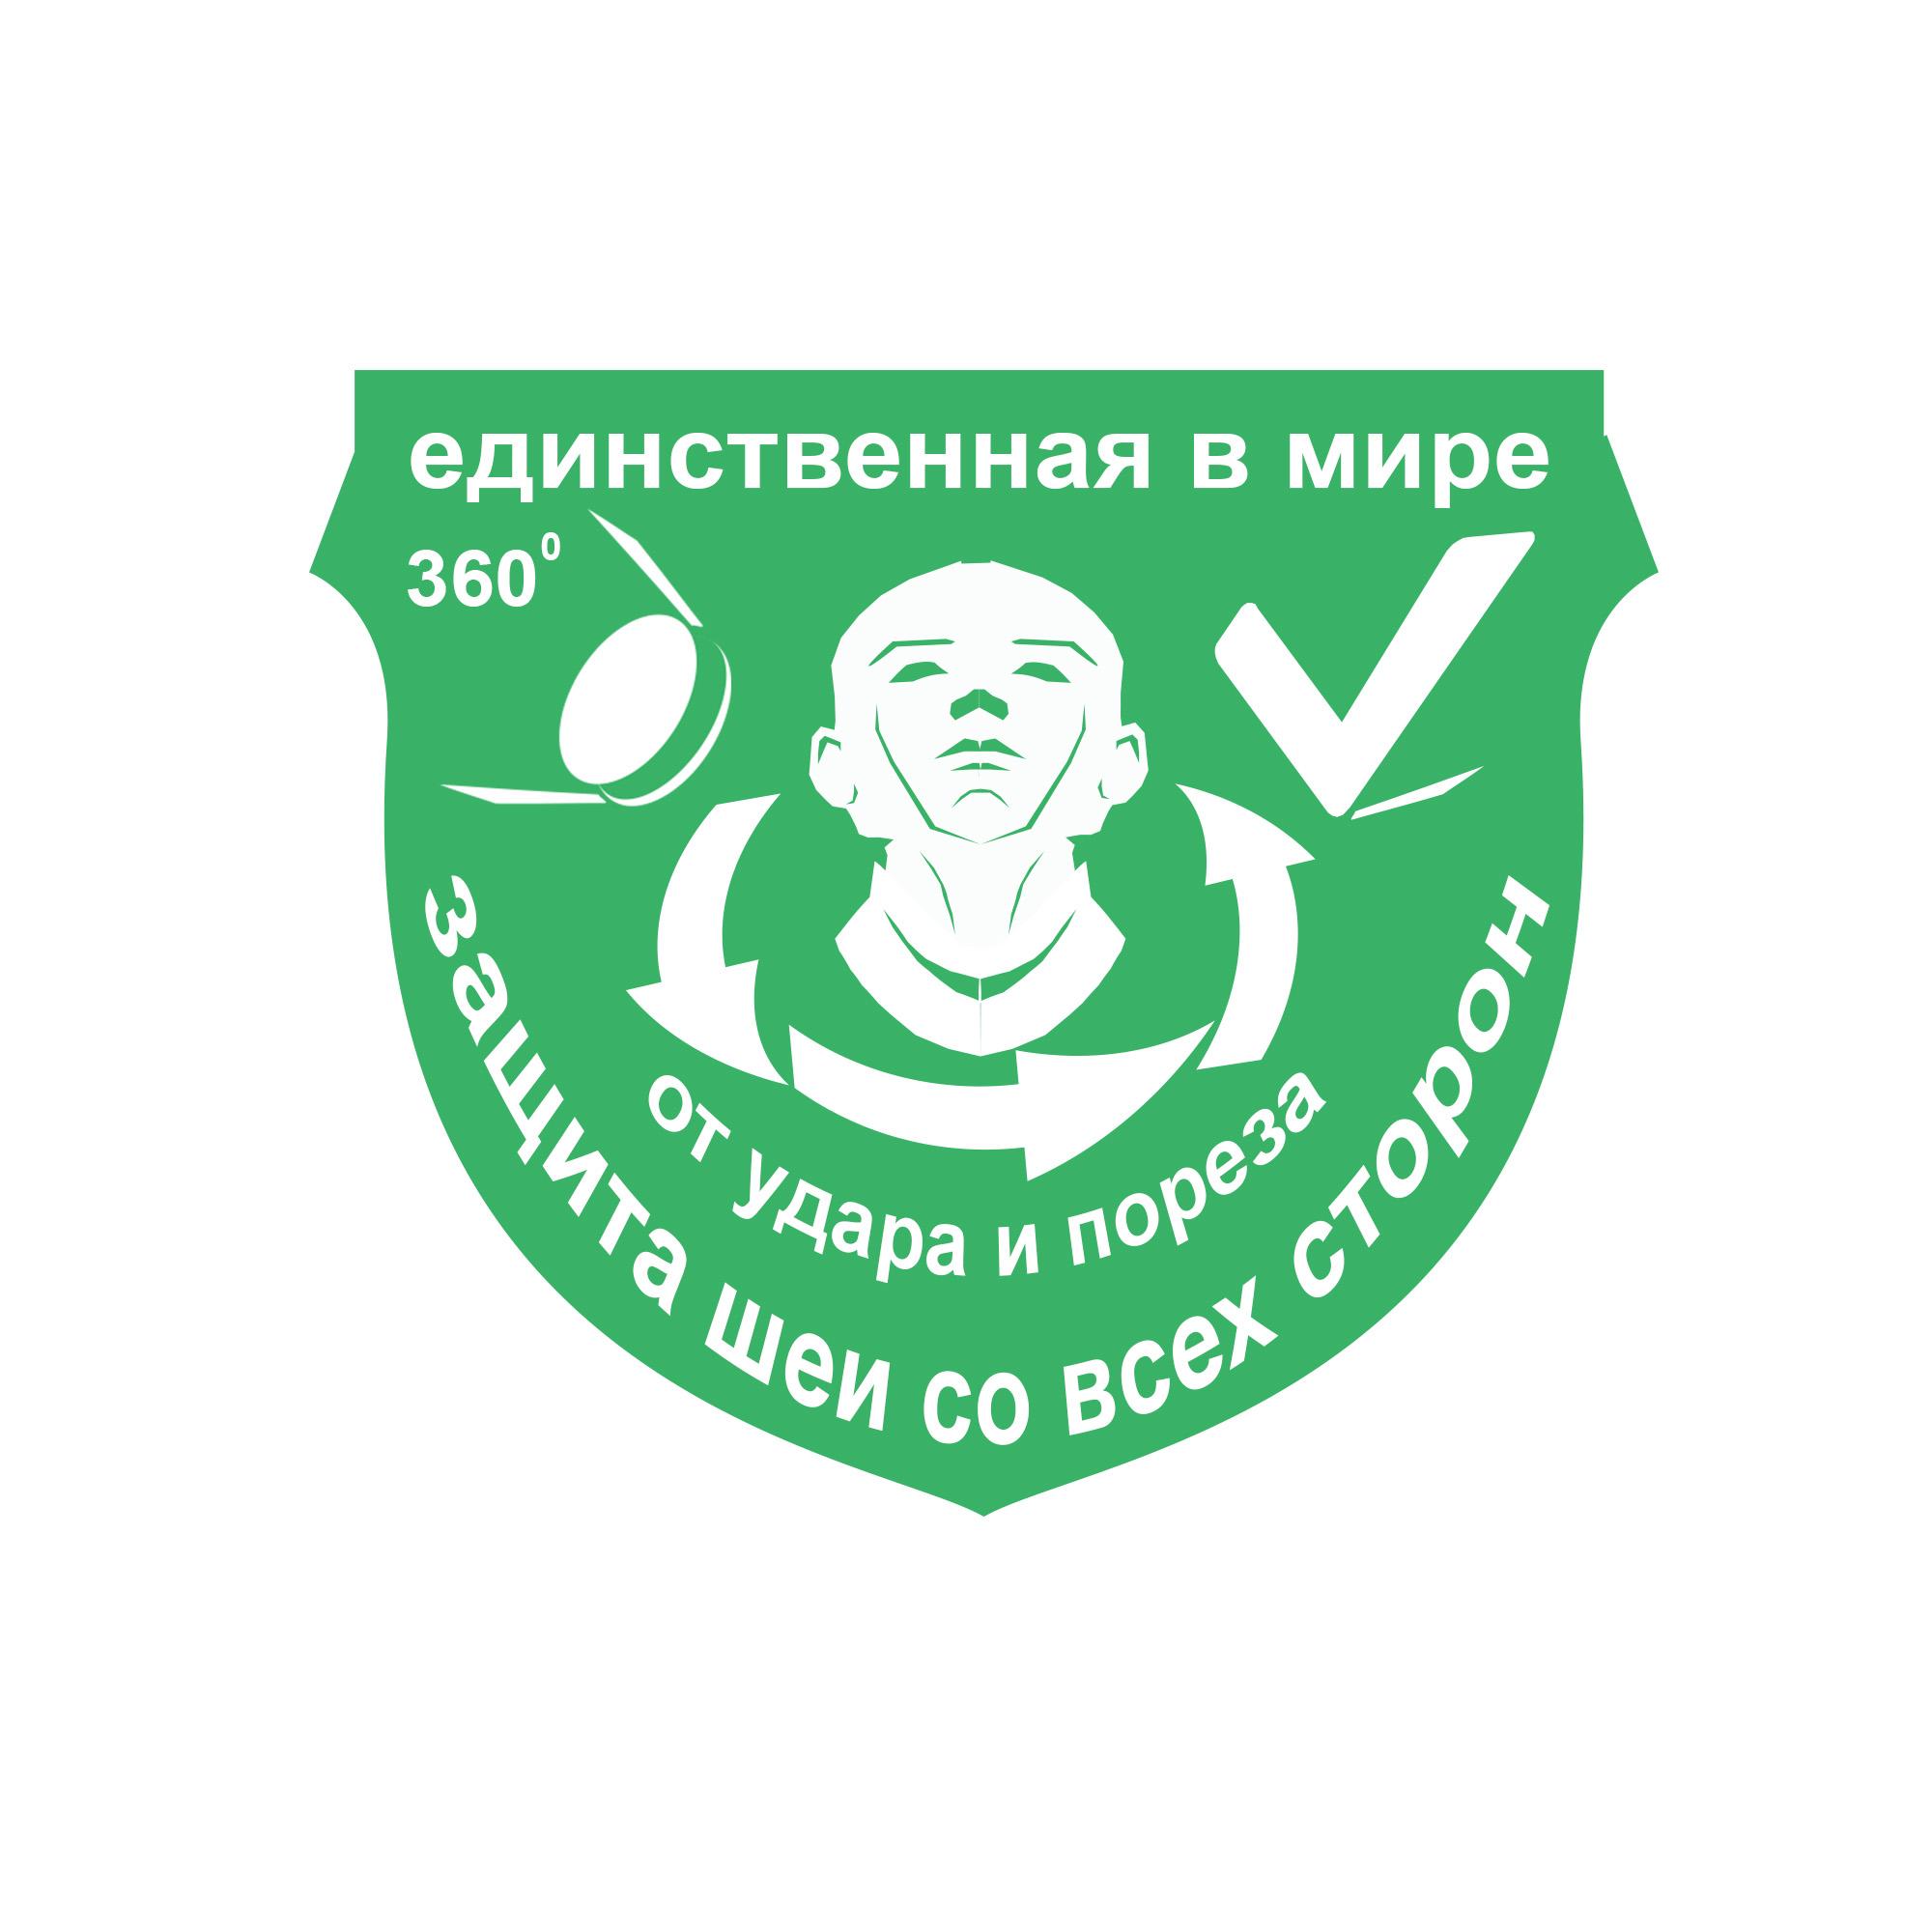 Дизайн продающей наклейки на упаковку уникального продукта фото f_5675b1fbd35ba9a1.jpg